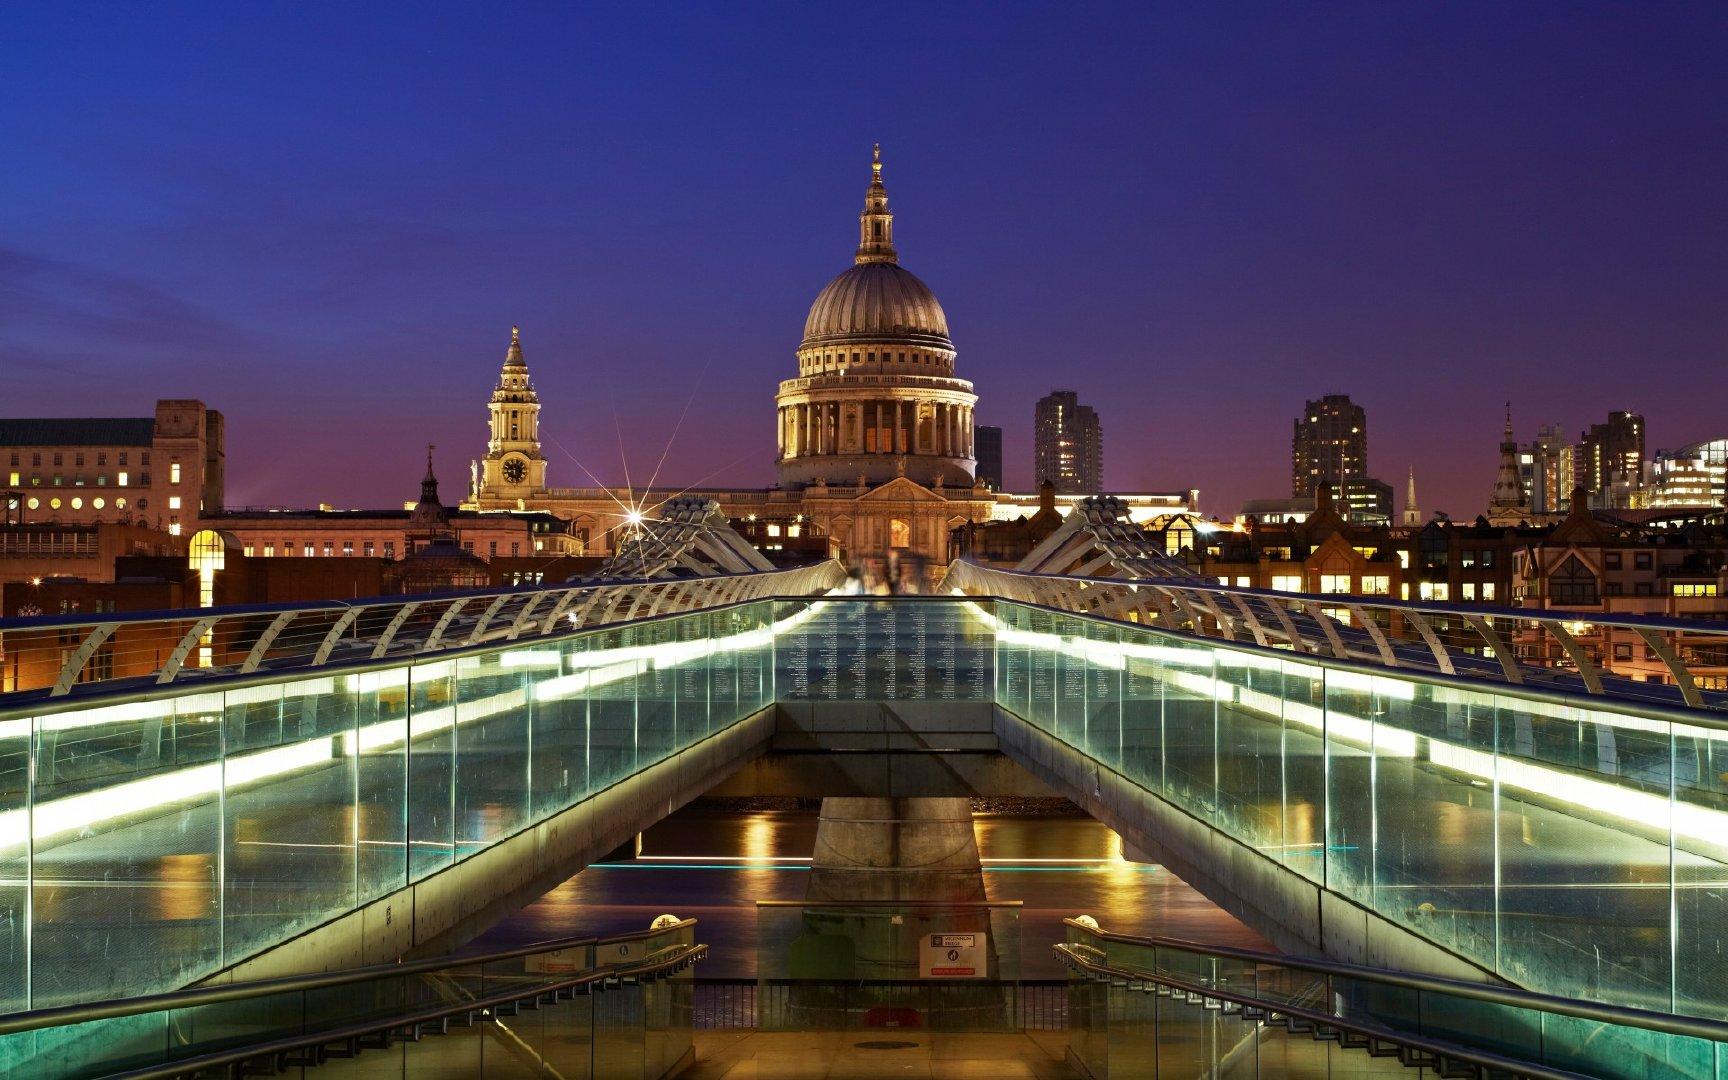 伦敦千禧桥夜景1080P高清壁纸图片